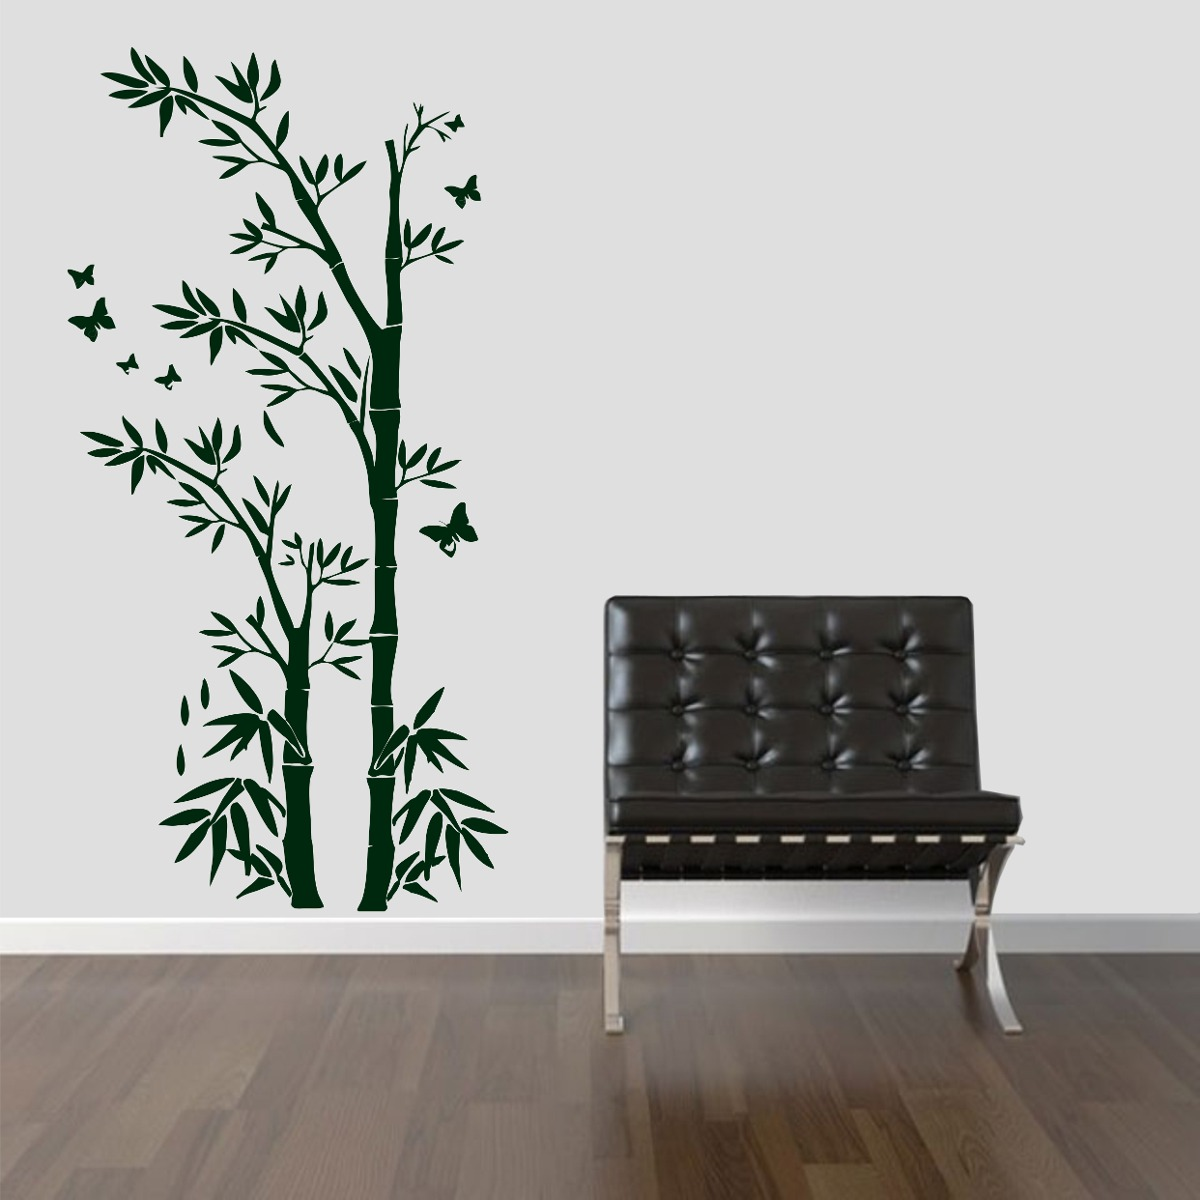 Tecido Adesivo De Mandala ~ Adesivo Decorativo Parede Floral Bambu Galhos Borboleta R$ 39,99 em Mercado Livre